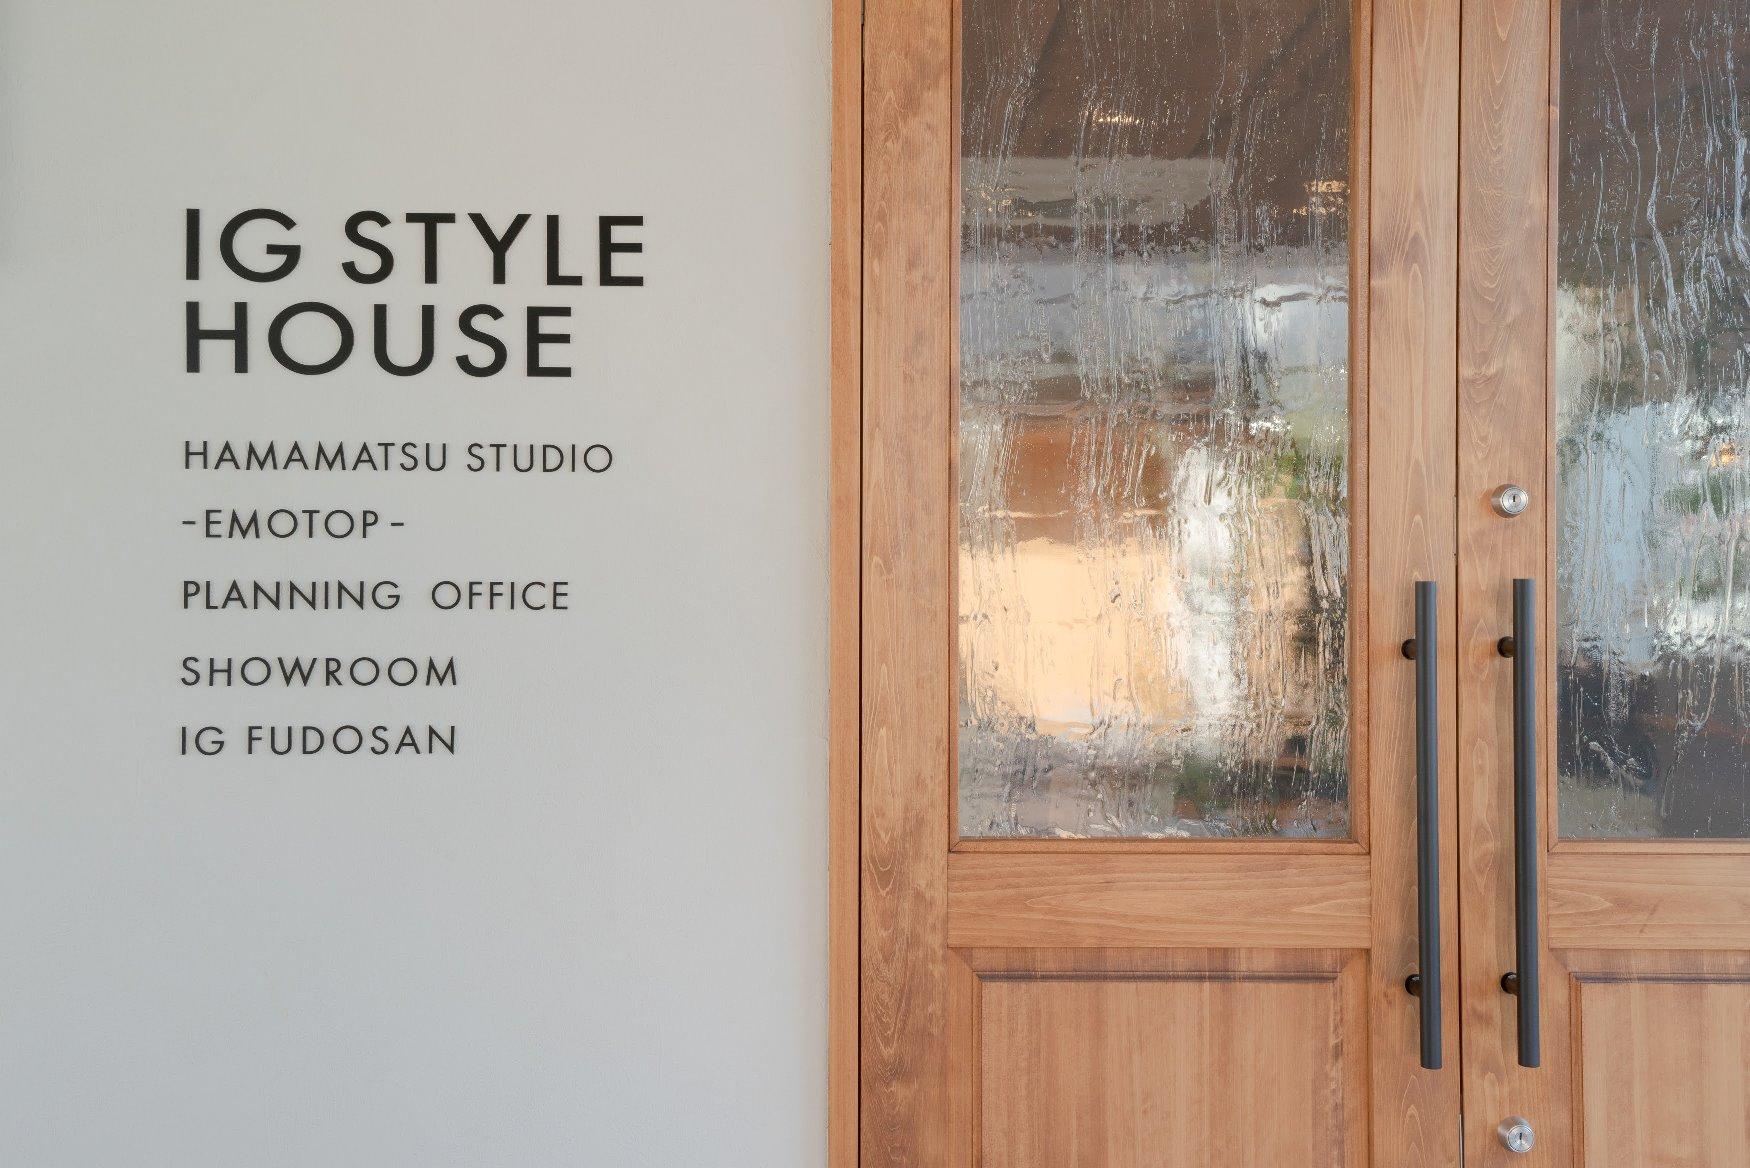 エモトープの浜松スタジオ玄関サイン